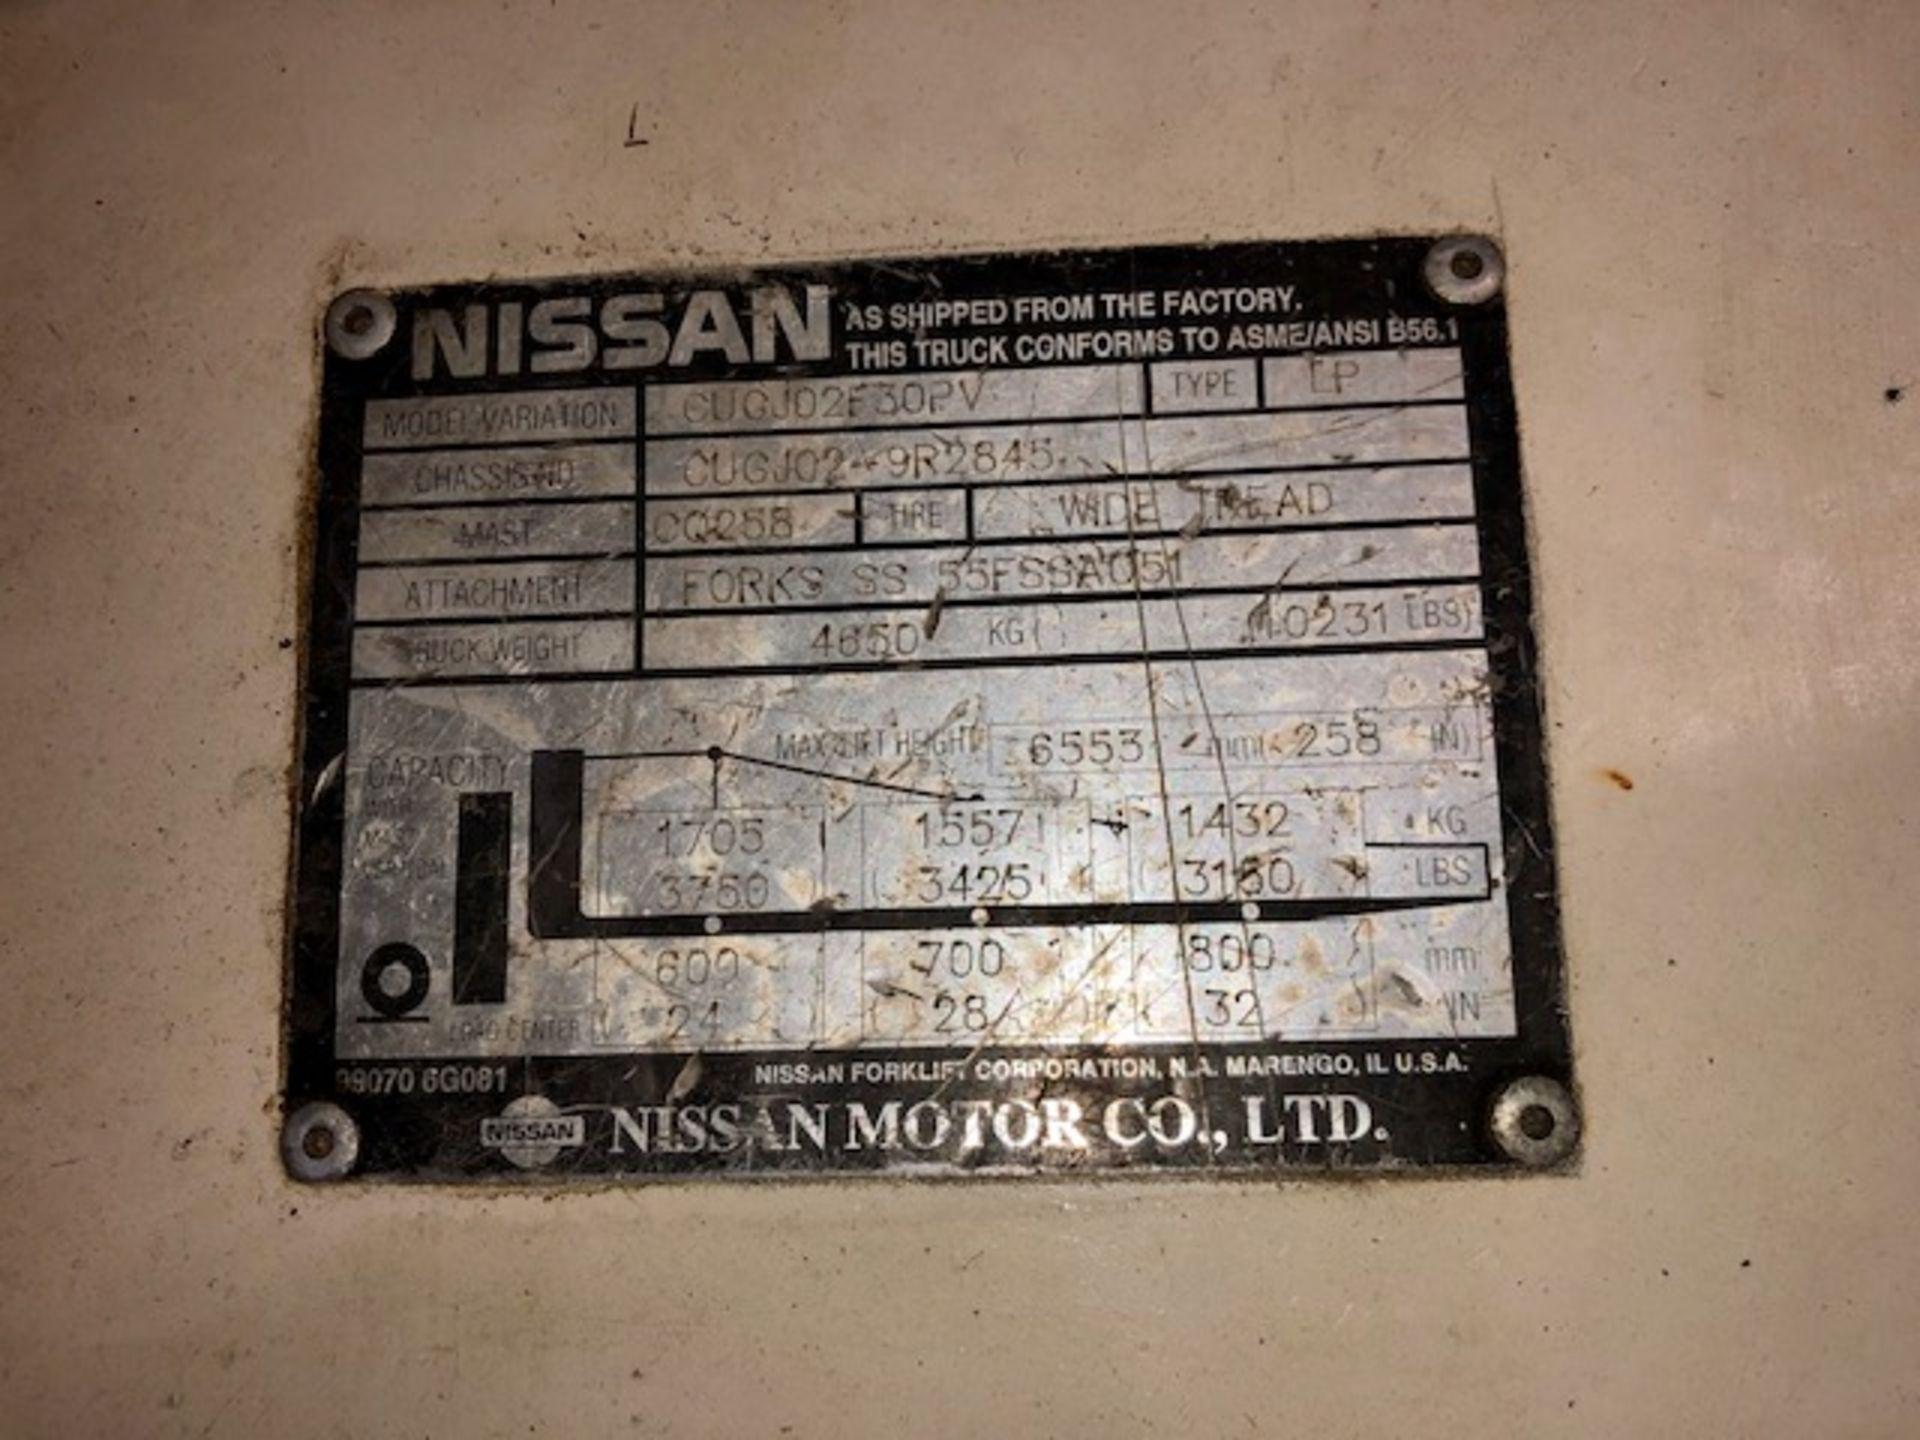 Lot 28 - Nissan F30PV forklift